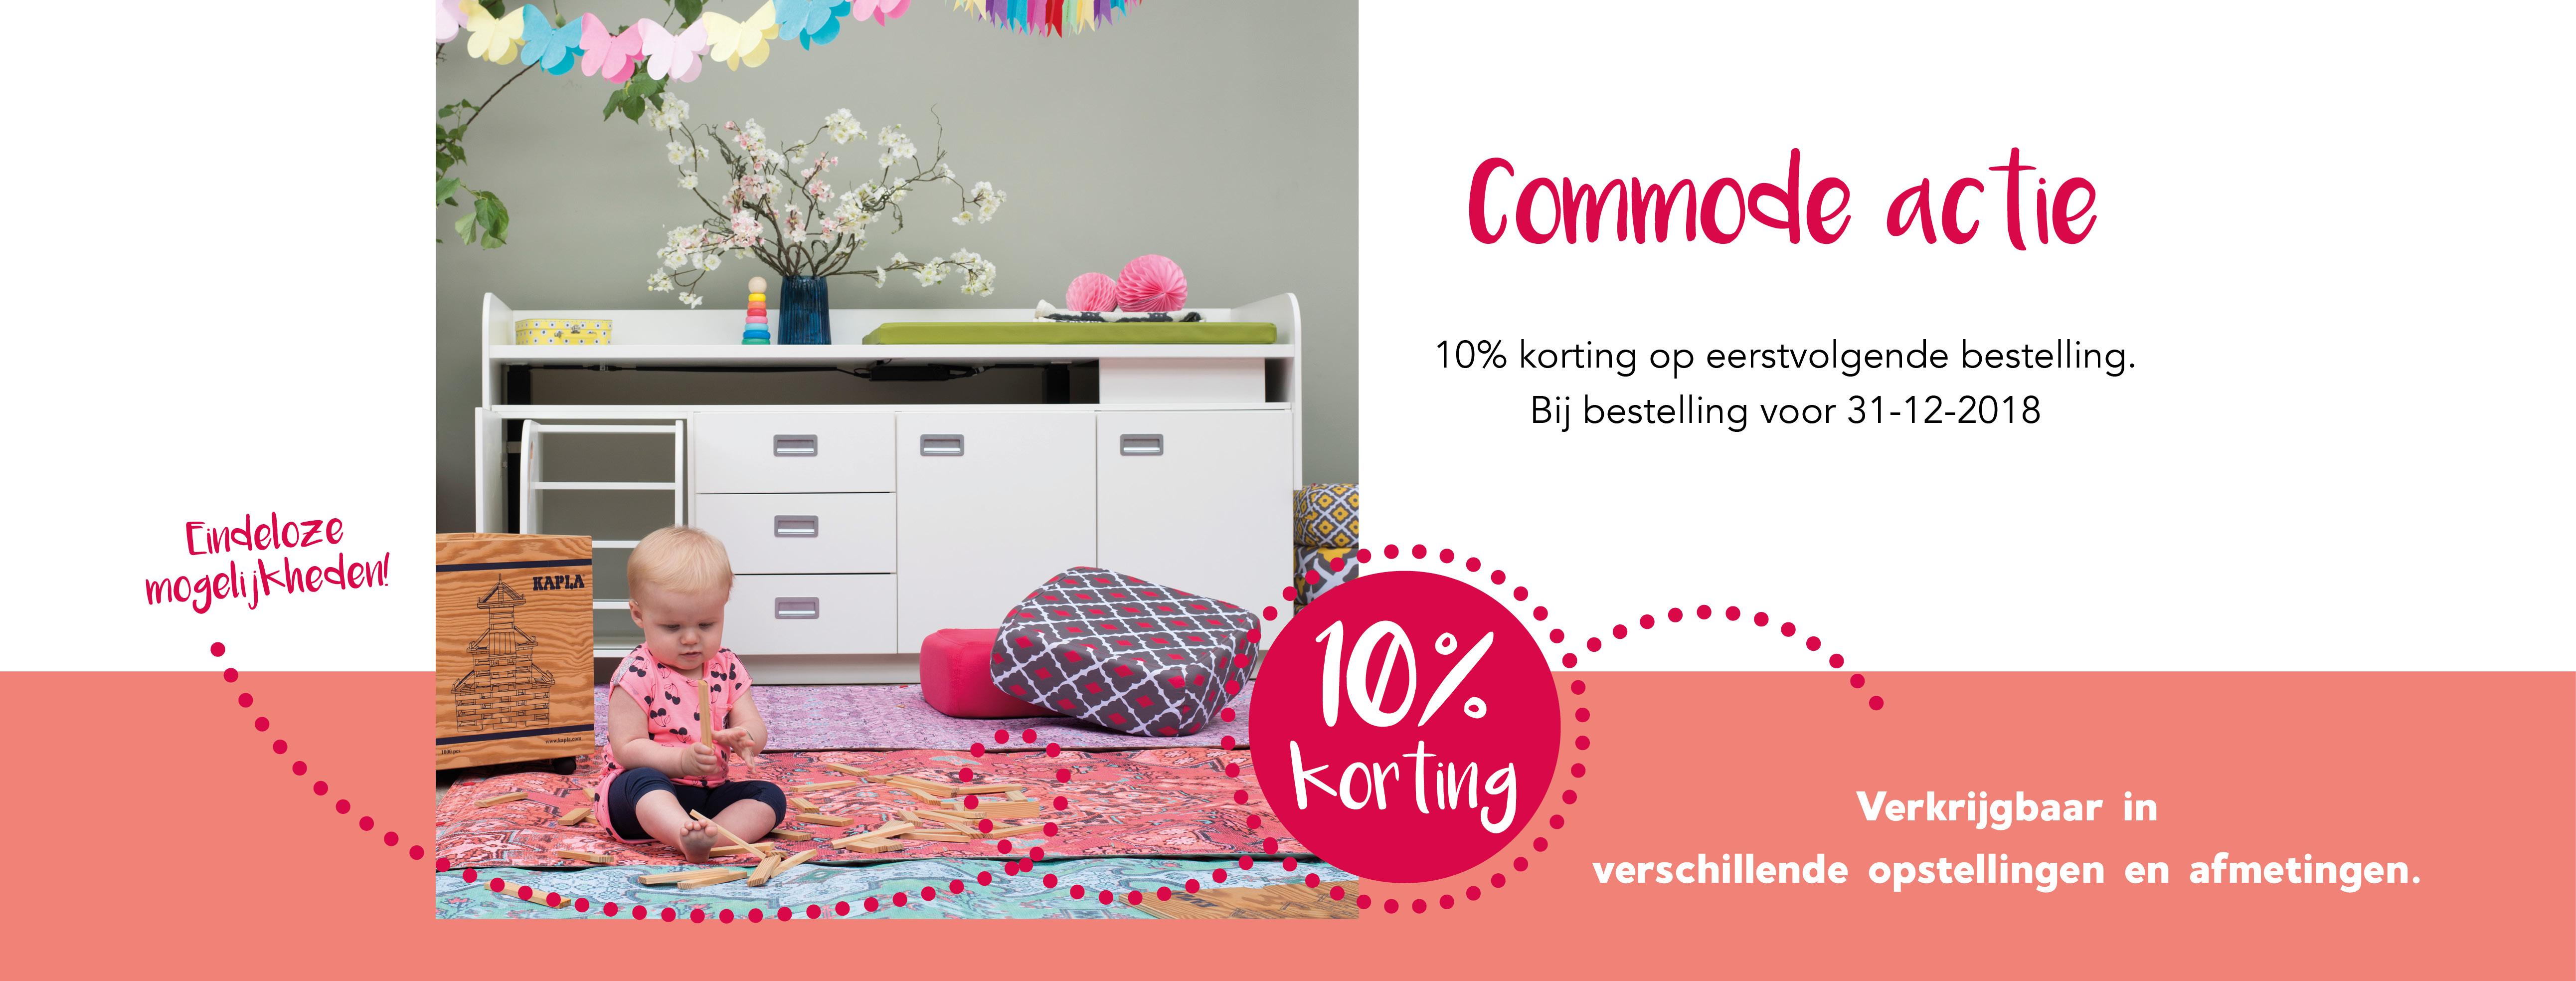 http://www.de-tol.nl/wp-content/uploads/DT_WEBBANNER_COMMODE_032.jpg